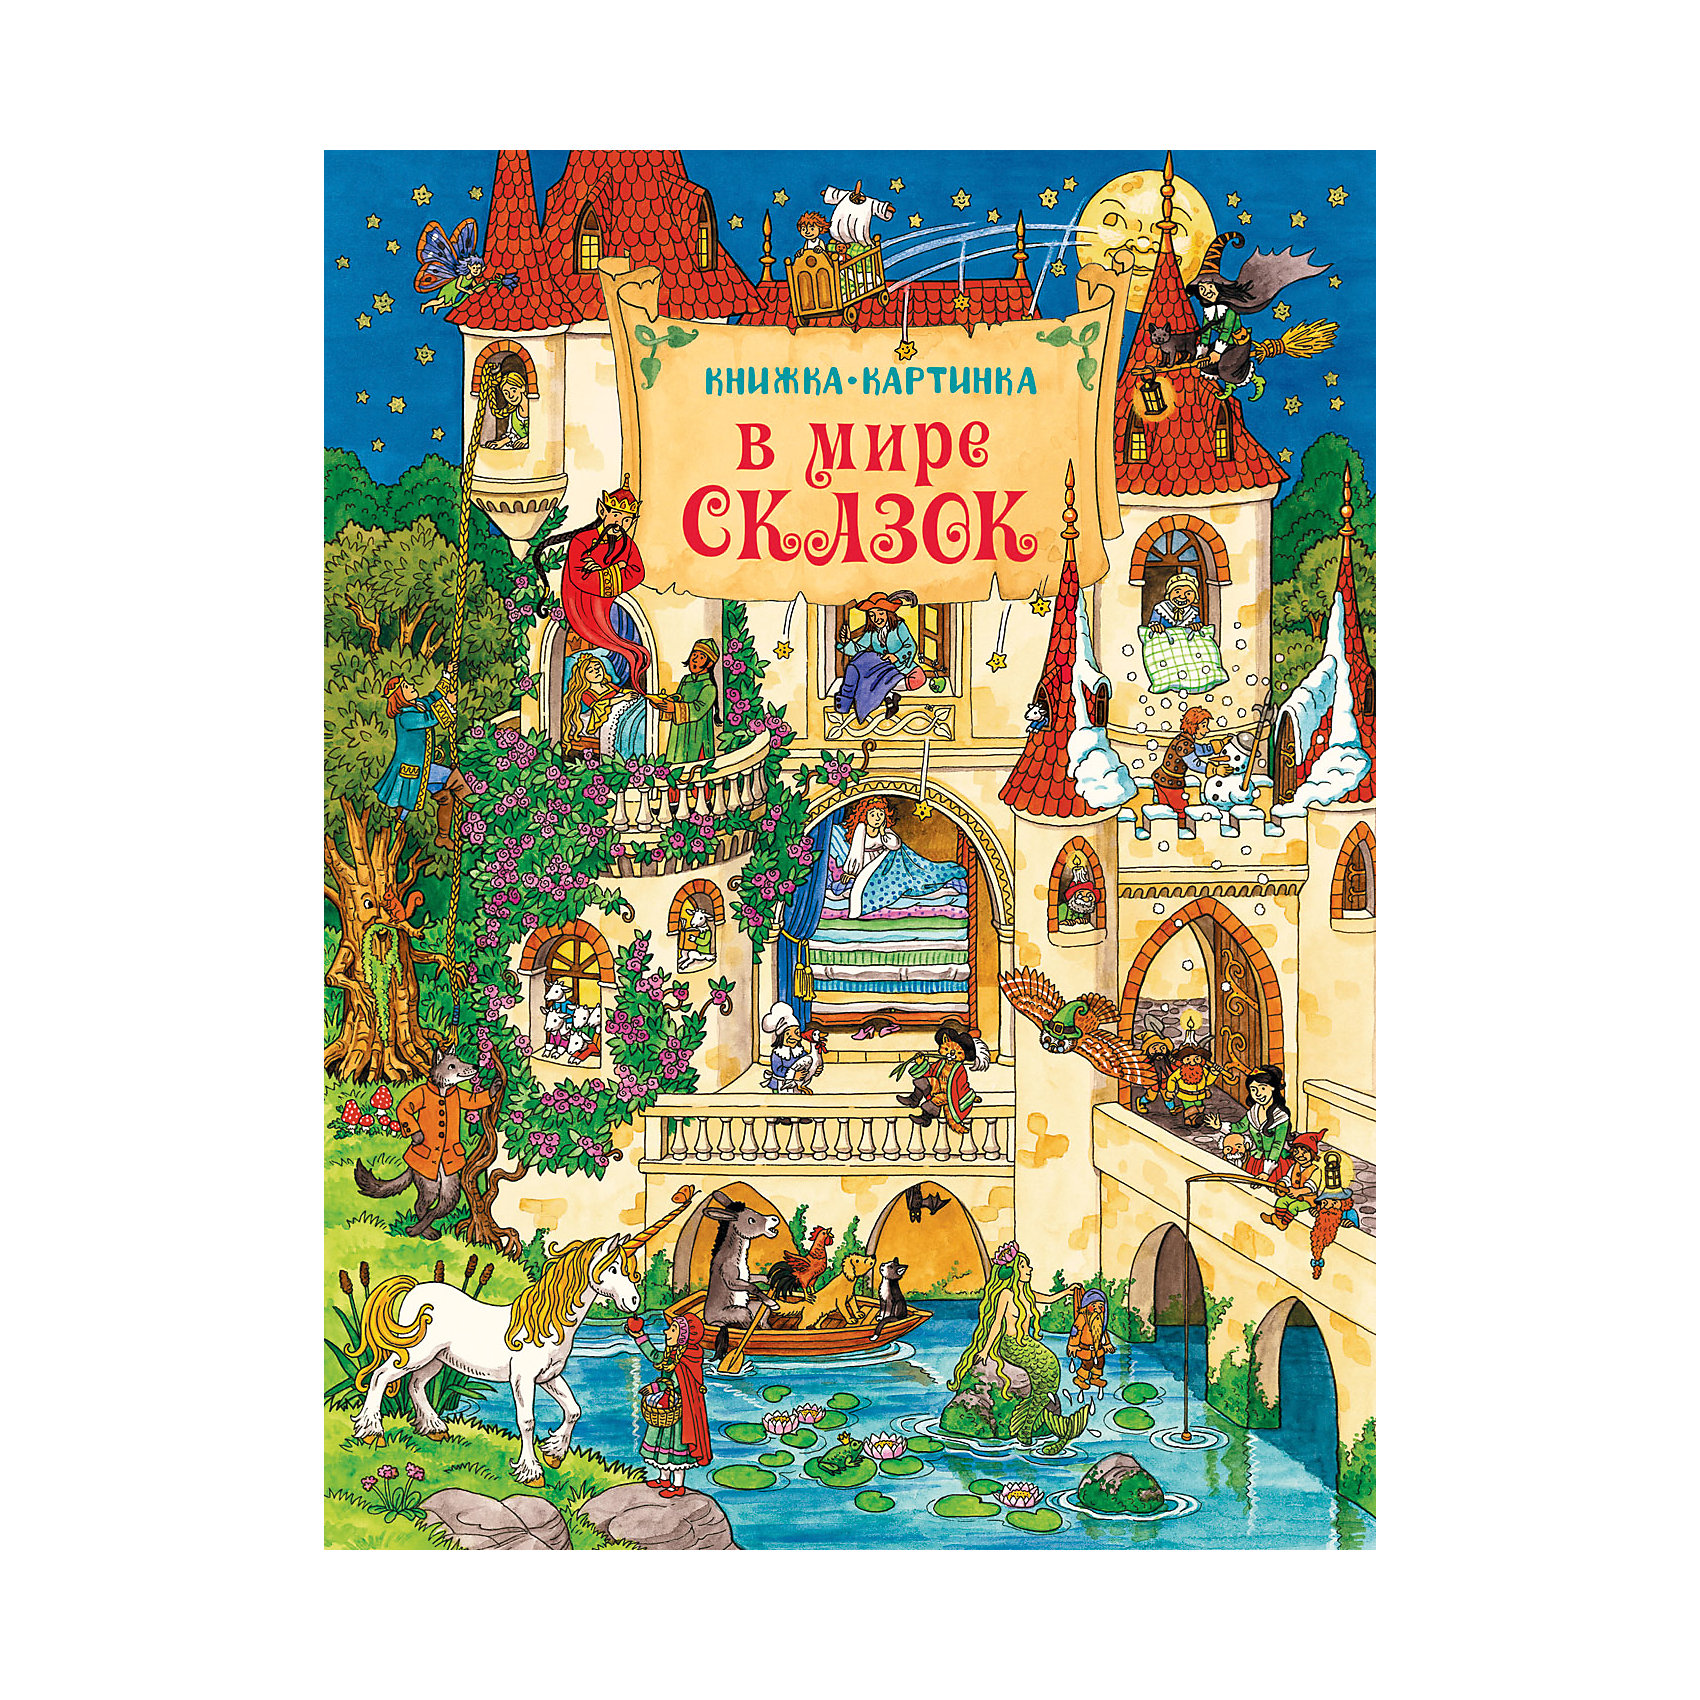 В мире сказок (Книжка-картинка)Виммельбухи<br>Характеристики товара:<br><br>- цвет: разноцветный;<br>- материал: бумага;<br>- страниц: 14;<br>- формат: 32 x 24 см;<br>- обложка: твердая;<br>- цветные иллюстрации.<br><br>Эта интересная книга с иллюстрациями станет отличным подарком для ребенка. Талантливый иллюстратор дополнил книгу качественными рисунками, которые можно рассматривать бесконечно!<br>Чтение и рассматривание картинок даже в юном возрасте помогает ребенку развивать зрительную память, концентрацию внимания и воображение. Издание произведено из качественных материалов, которые безопасны даже для самых маленьких.<br><br>Книгу В мире сказок (Книжка-картинка) от компании Росмэн можно купить в нашем интернет-магазине.<br><br>Ширина мм: 315<br>Глубина мм: 235<br>Высота мм: 10<br>Вес г: 375<br>Возраст от месяцев: 0<br>Возраст до месяцев: 36<br>Пол: Унисекс<br>Возраст: Детский<br>SKU: 5110051